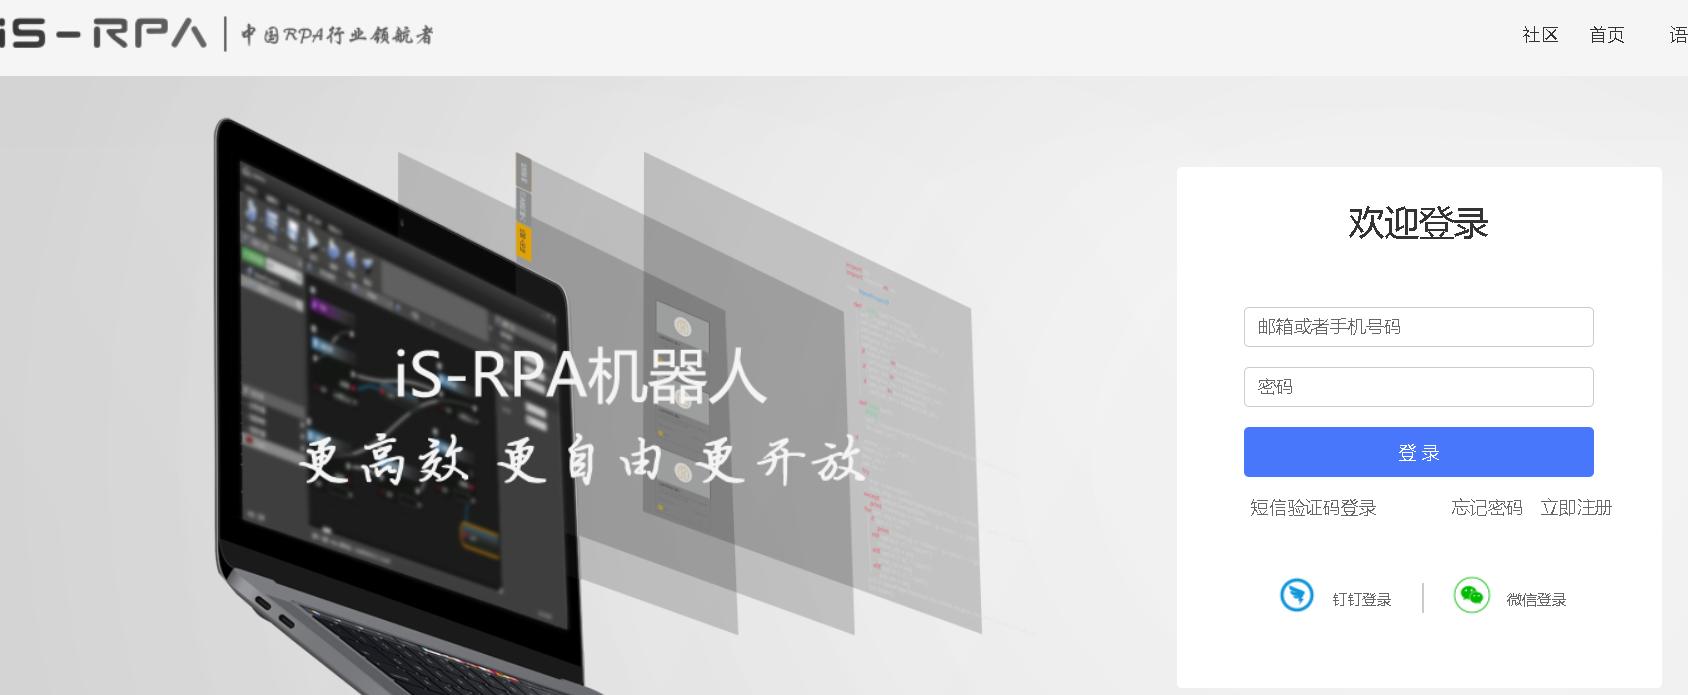 关于艺赛旗 rpa 9.0 升级验证码识别方法